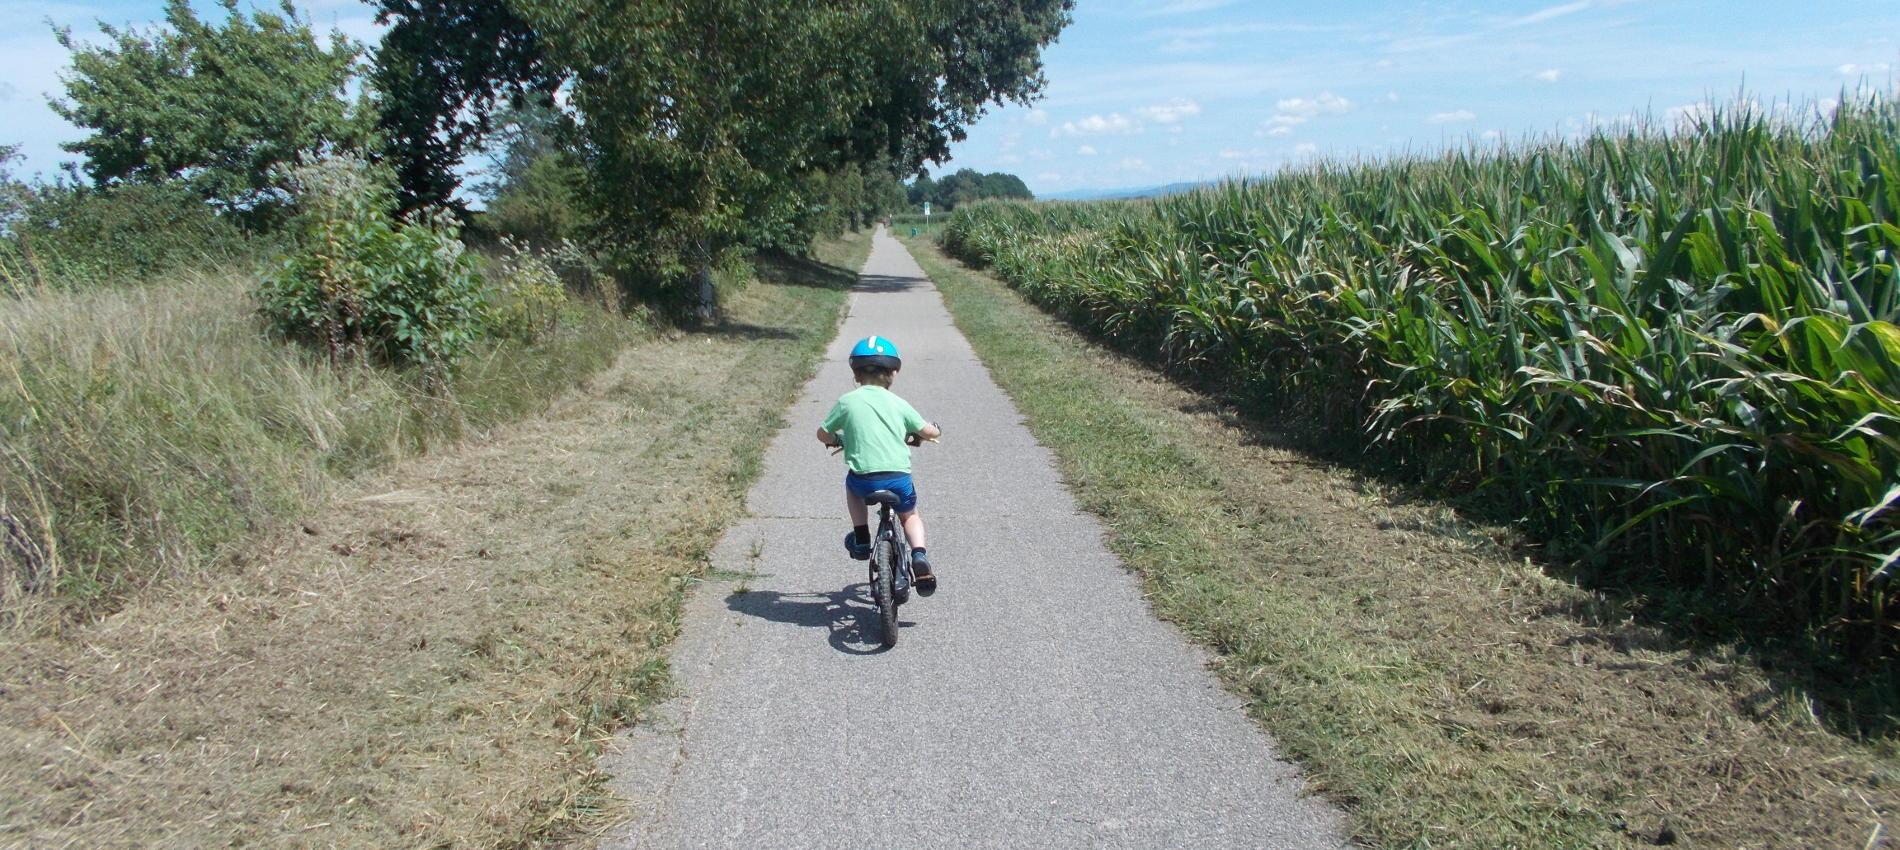 CYCL'O TERRE bureau d'études environnement mobilité